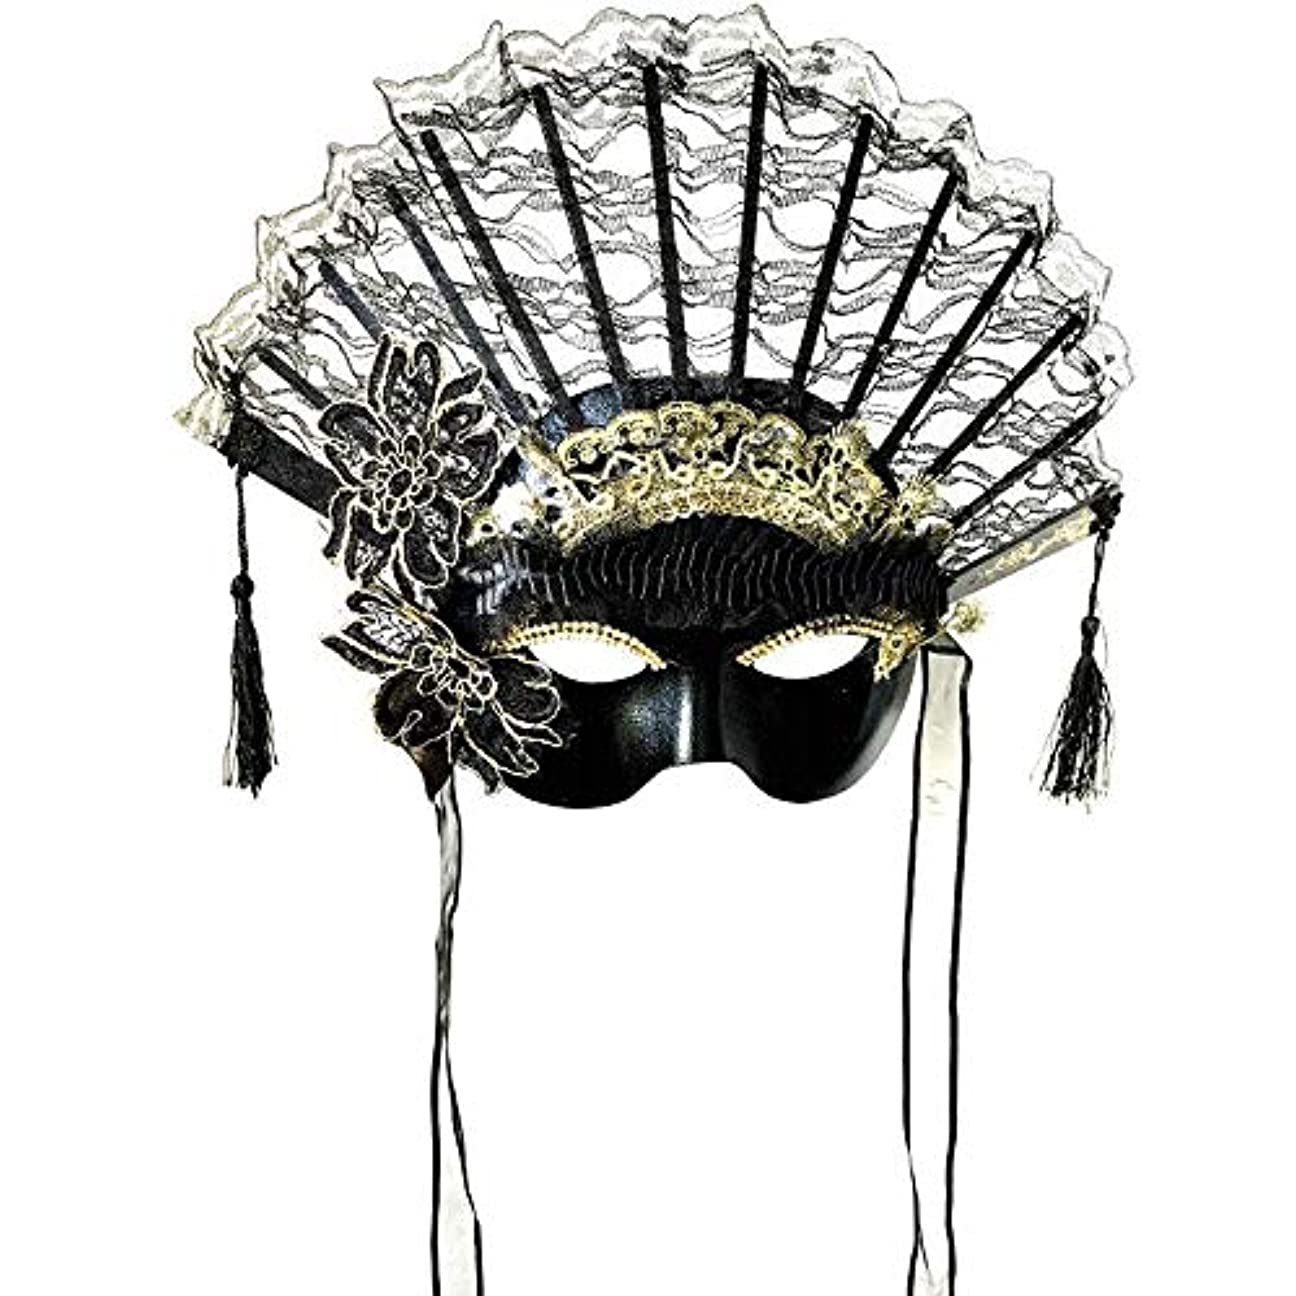 群集マート差別化するNanle ハロウィンクリスマスレースファンシェイプフラワーフリンジビーズマスク仮装マスクレディミスプリンセス美容祭パーティーデコレーションマスク (色 : Black B)